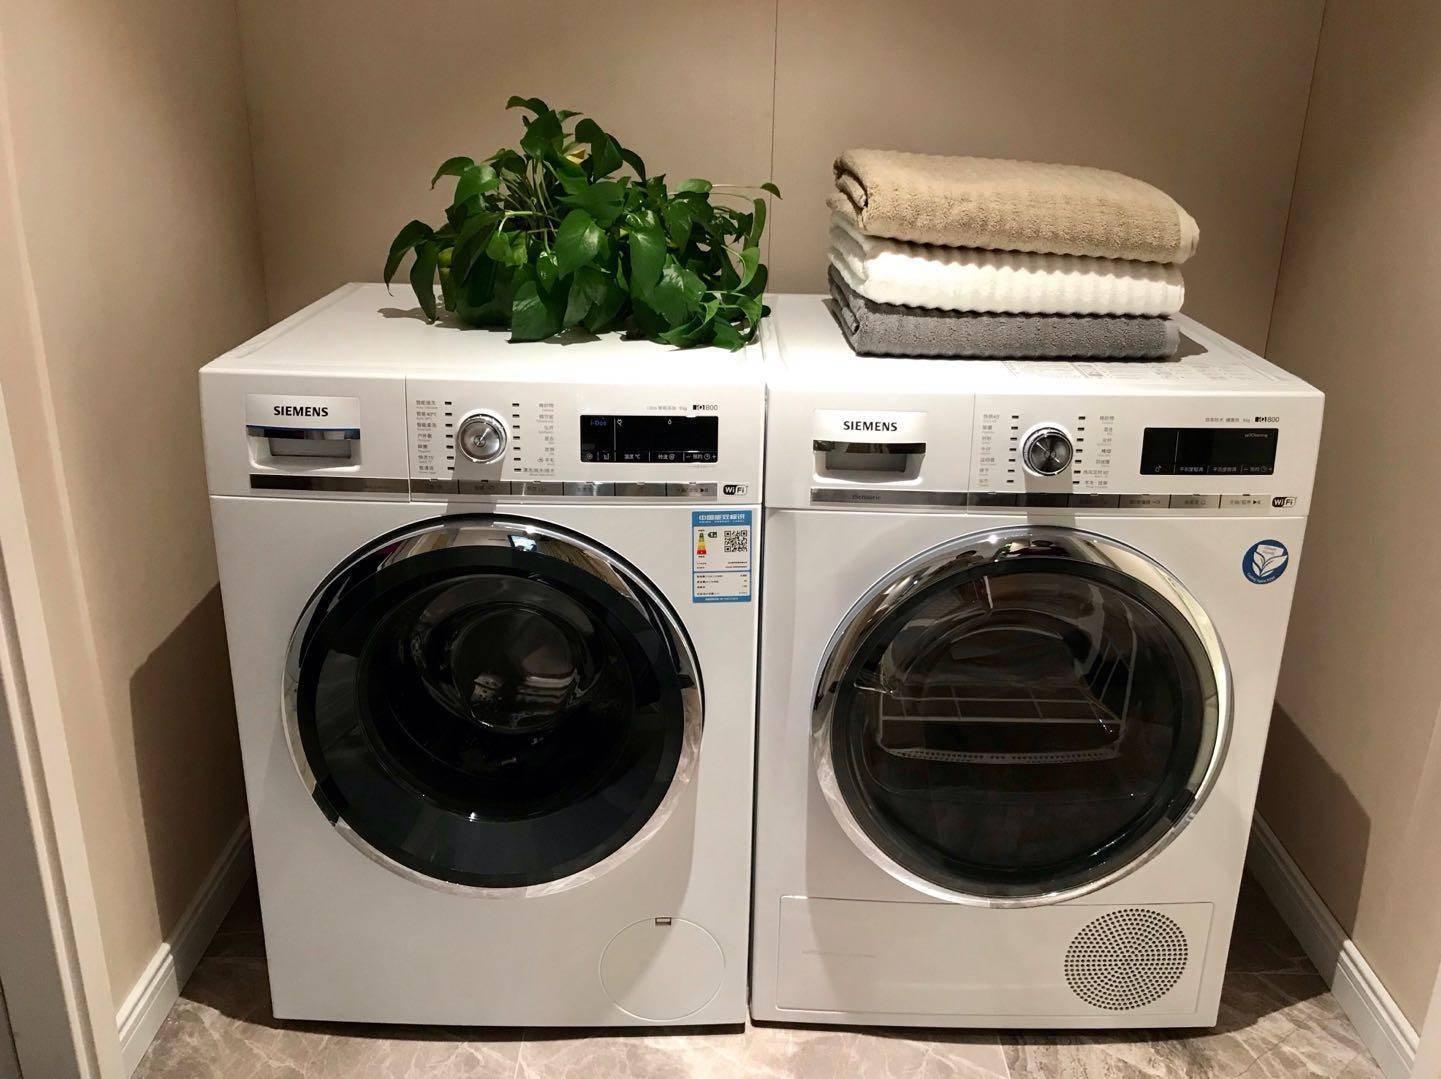 蓝景智慧屋内西门子智能洗衣机